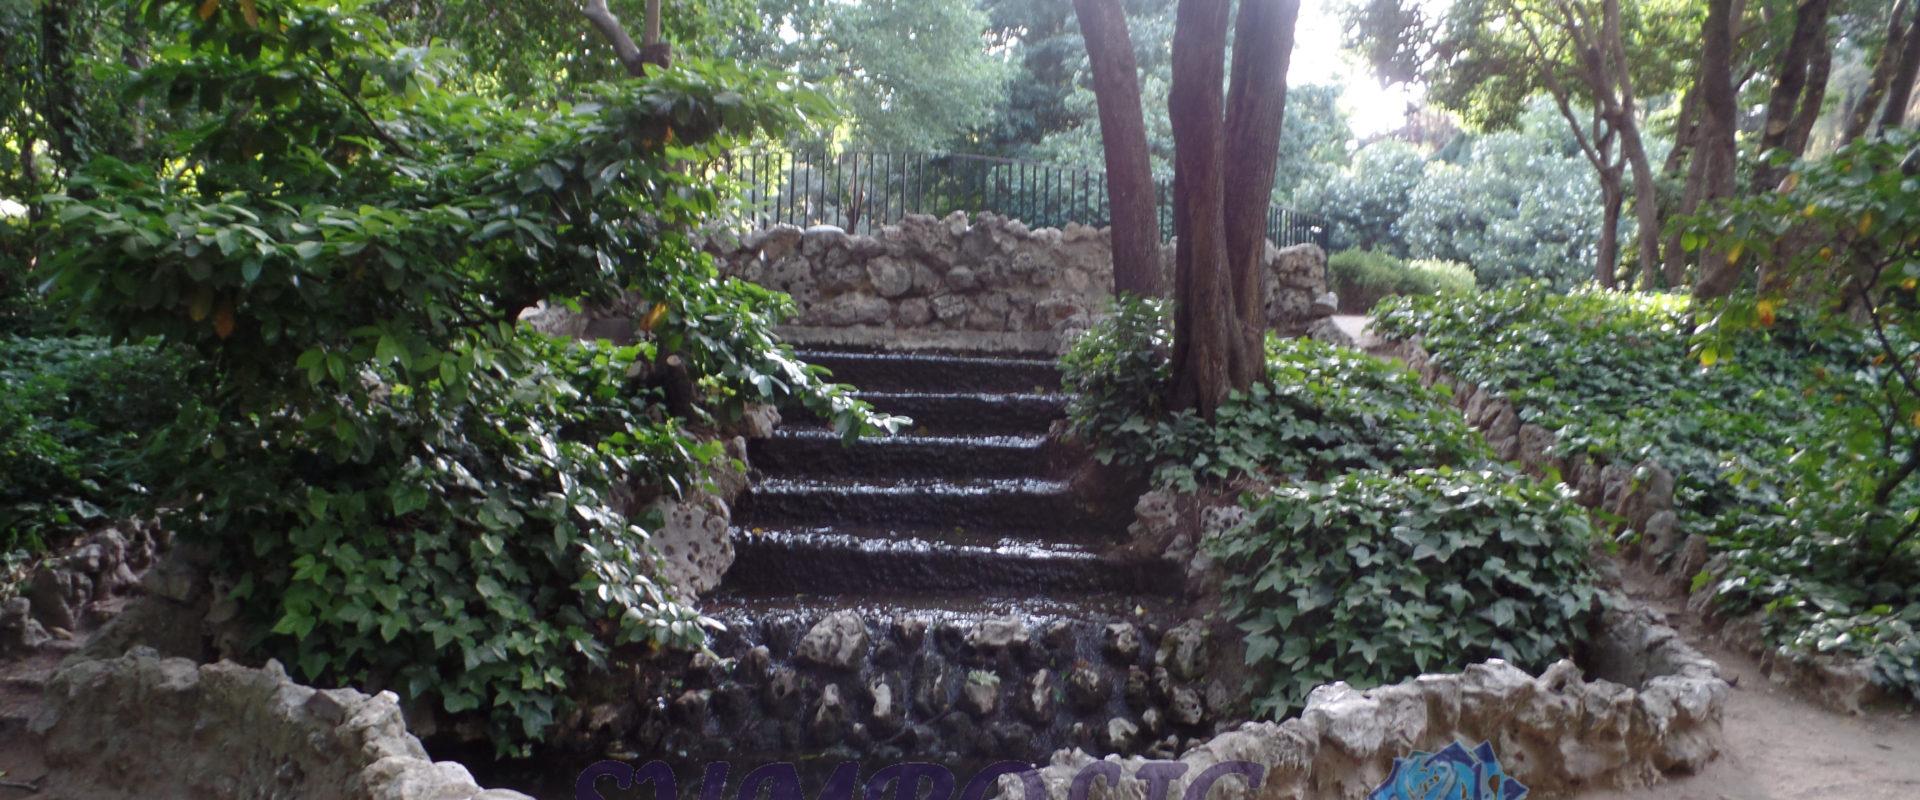 Salamanca-Fuente del Berro